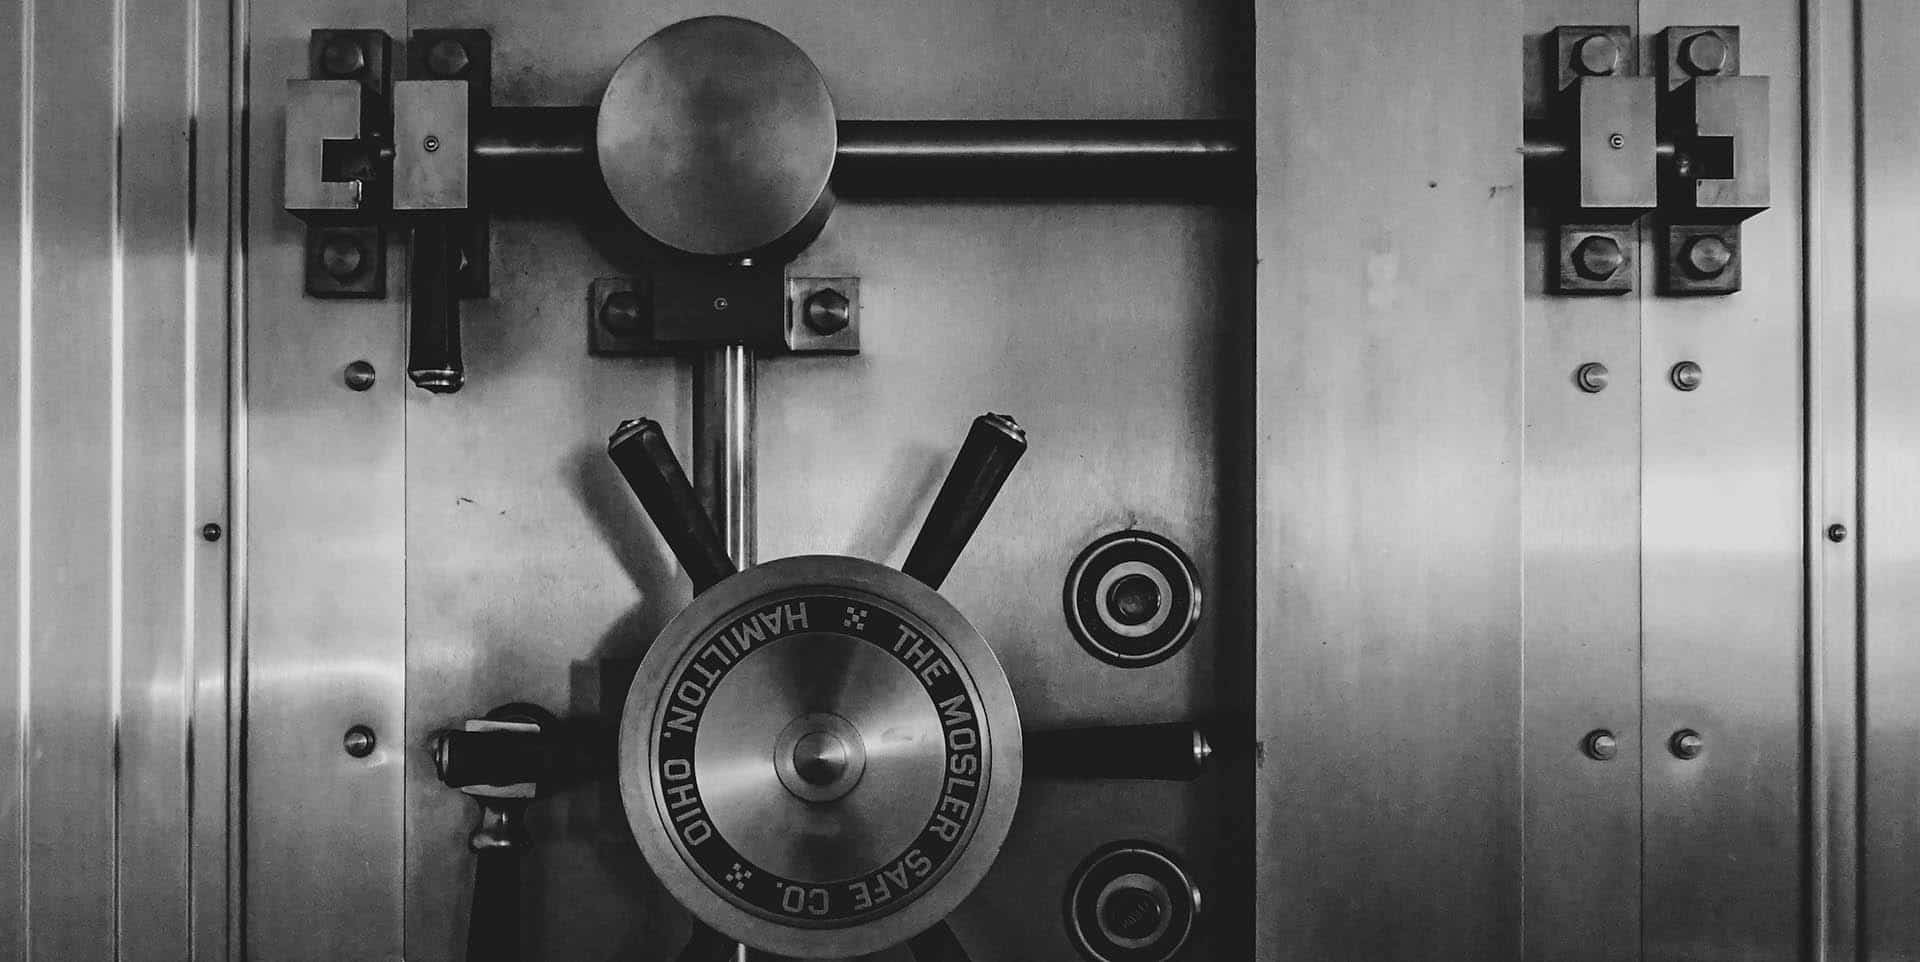 creare una password sicura è come mettere una porta blindata ai propri account